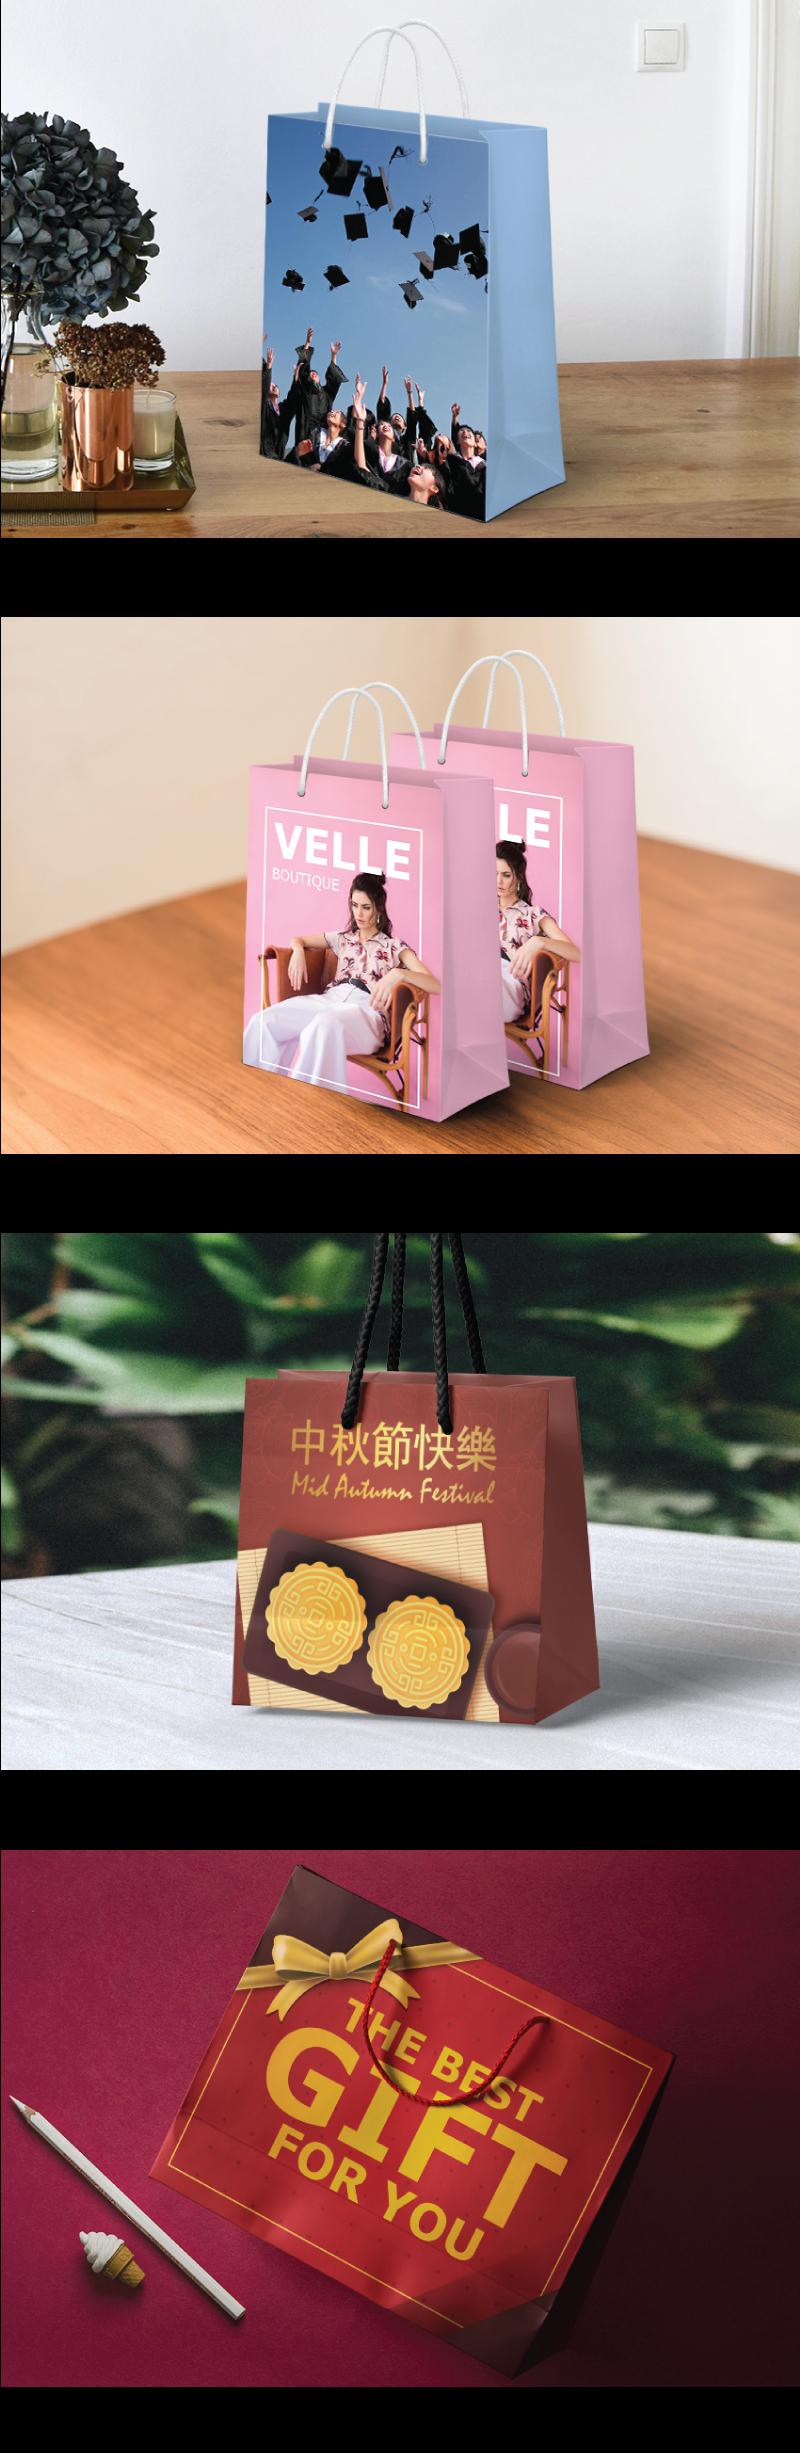 jentayu design paper bag beg kertas